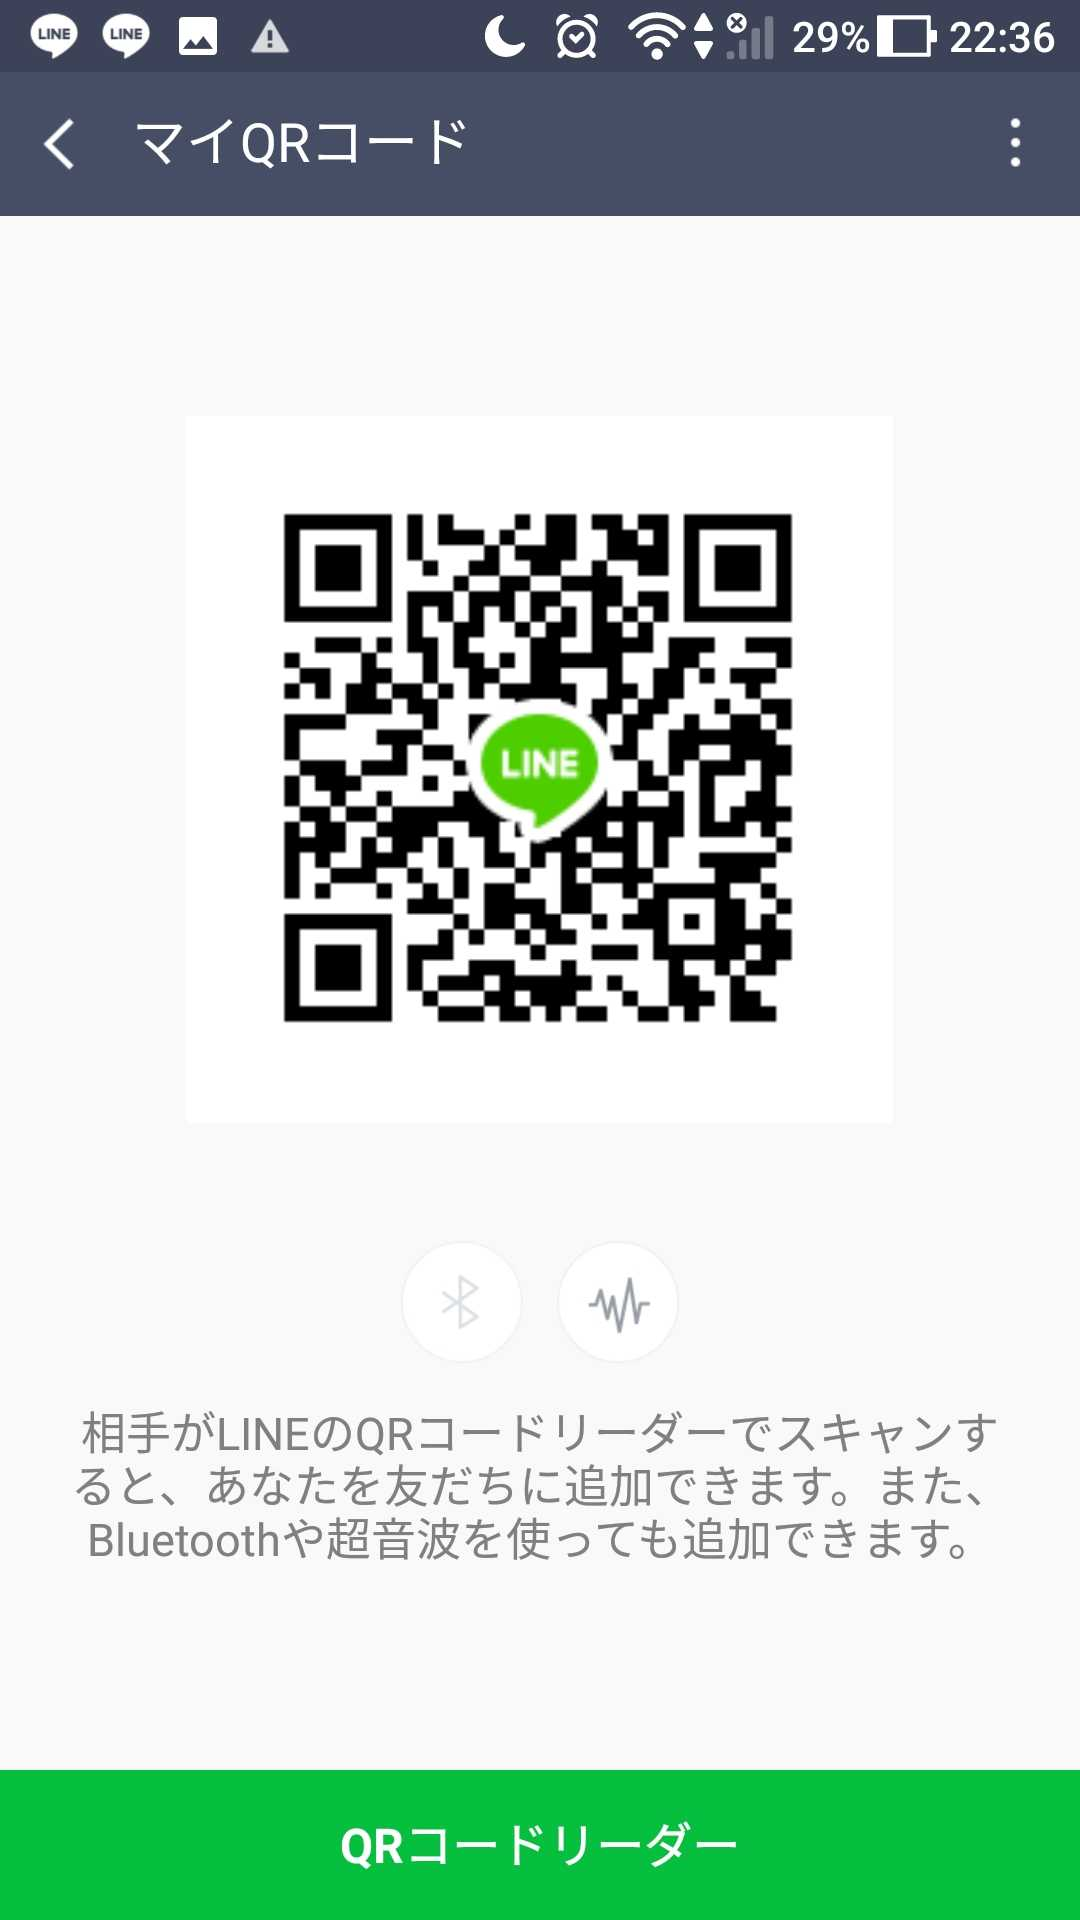 hikaさんのLINE QRコード